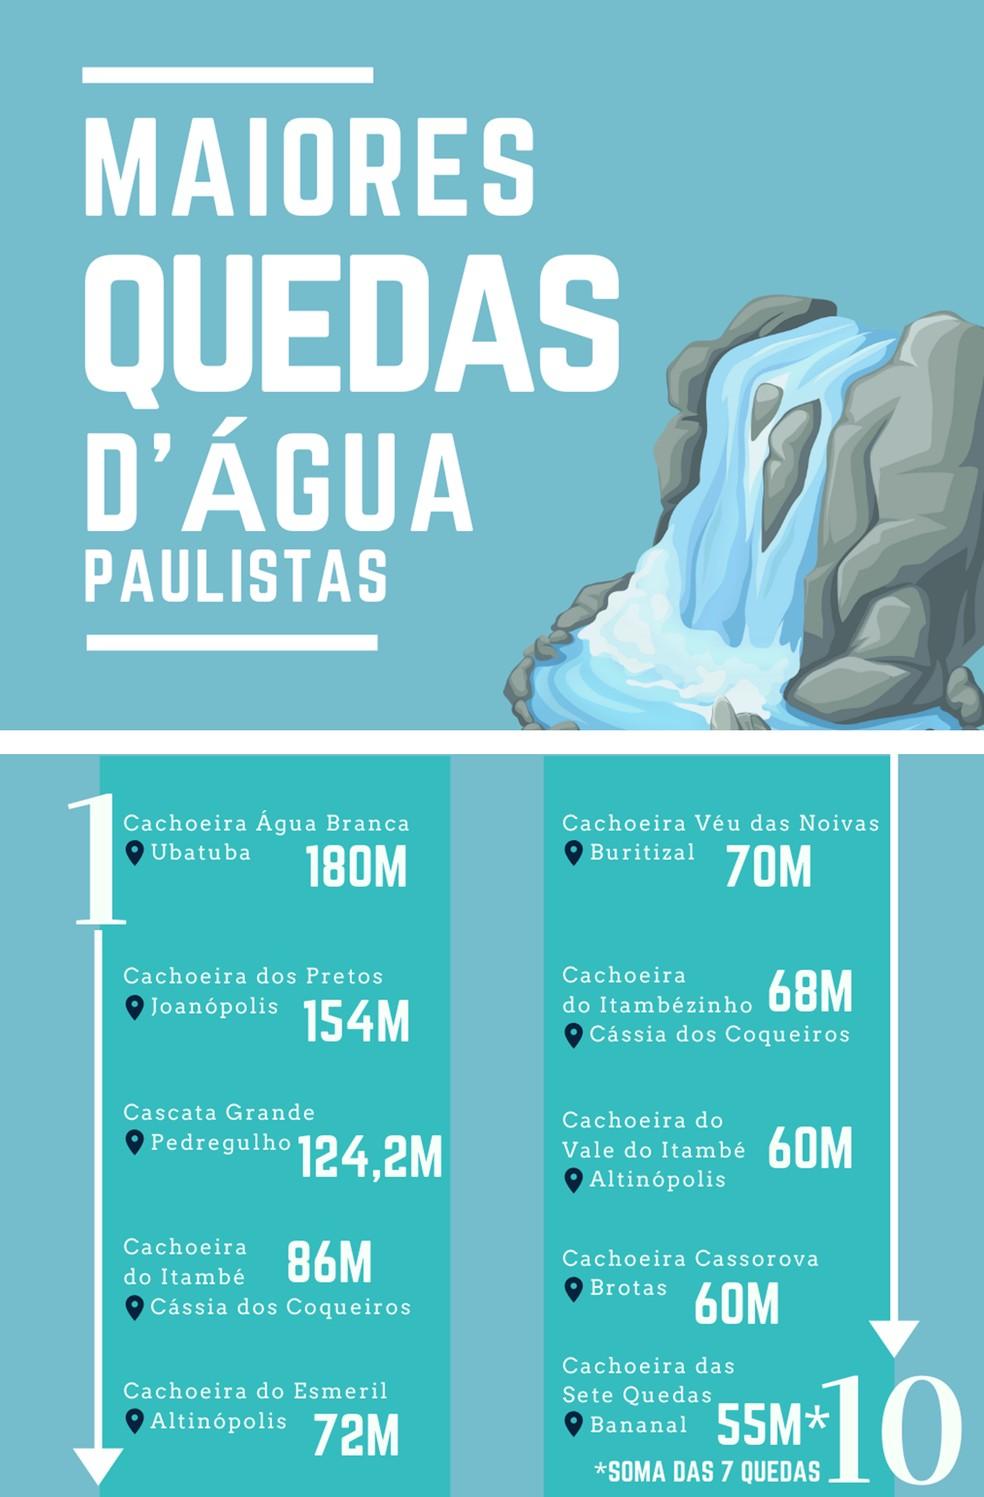 Confira a relação das maiores quedas d'água do estado de São Paulo — Foto: Arte TG